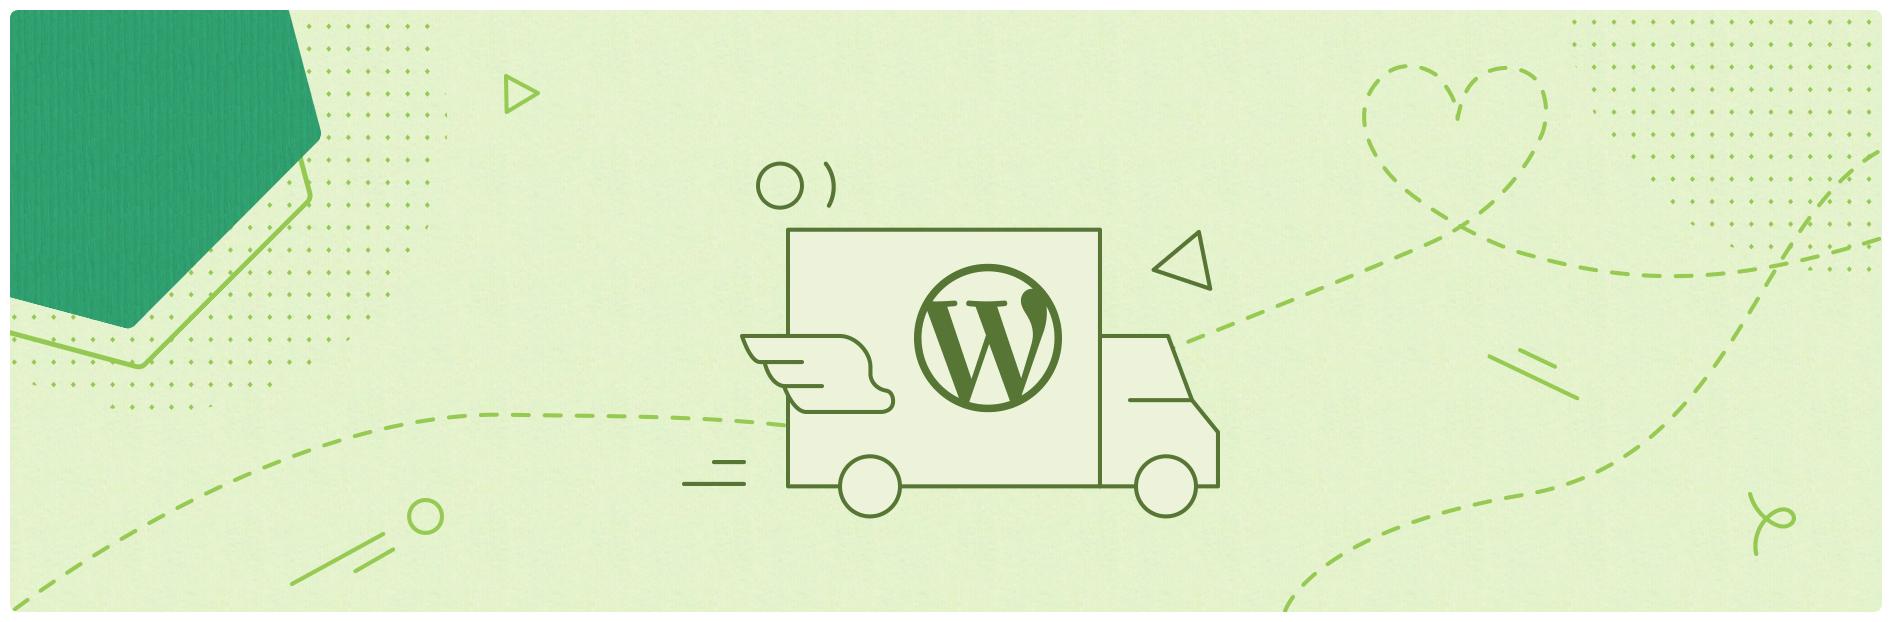 Cómo migrar su sitio de WordPress (3 métodos) - 1630925271 985 Como migrar su sitio de WordPress 3 metodos